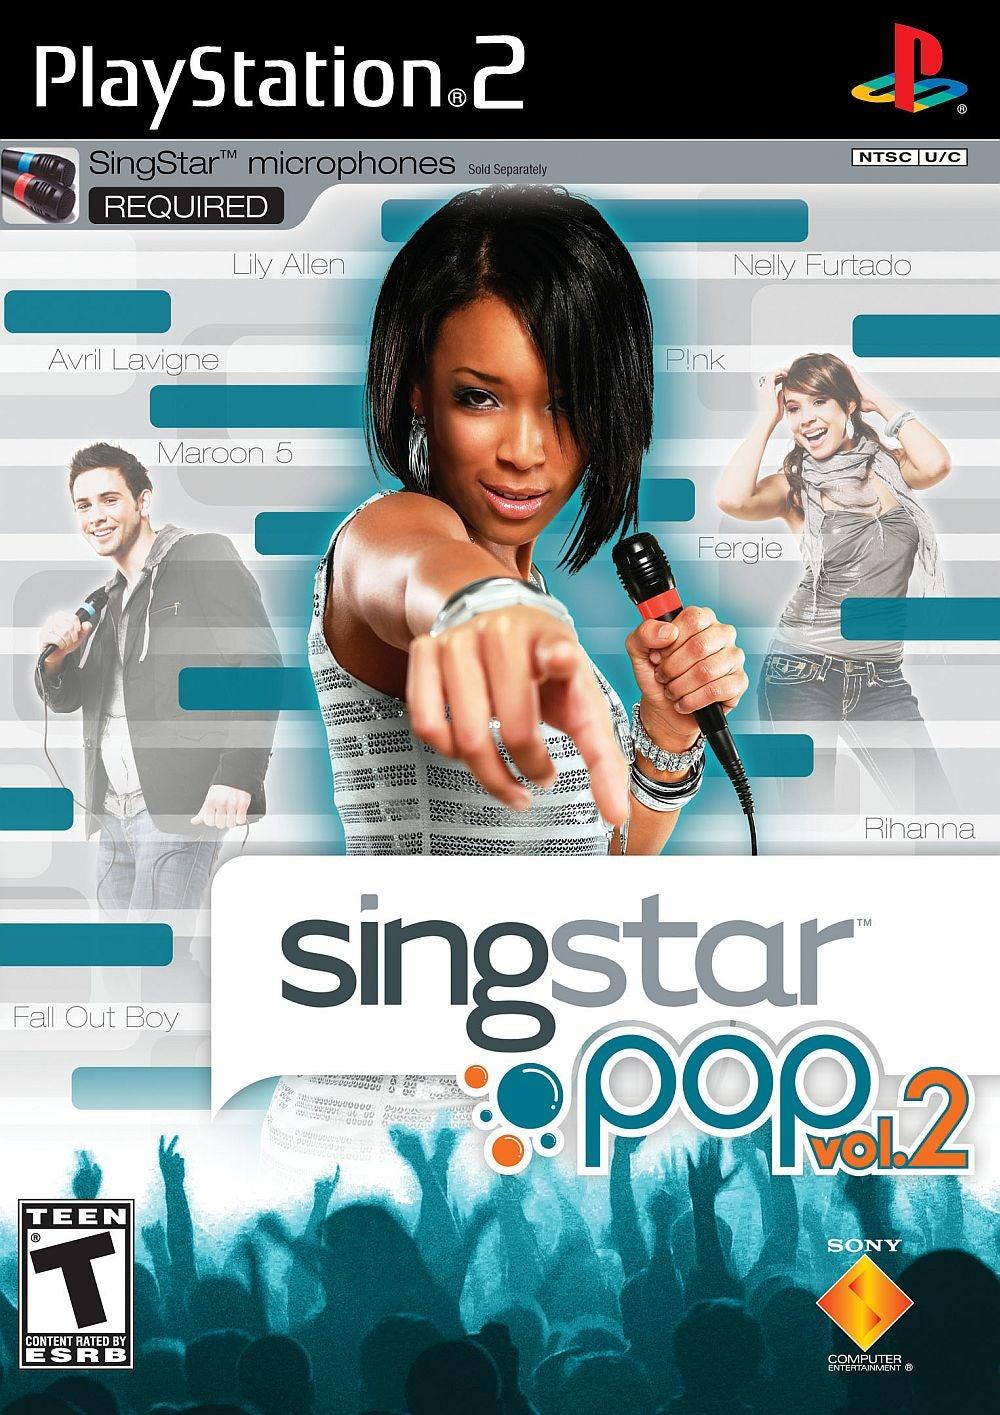 SingStar Pop Vol 2 PlayStation 2 IGN